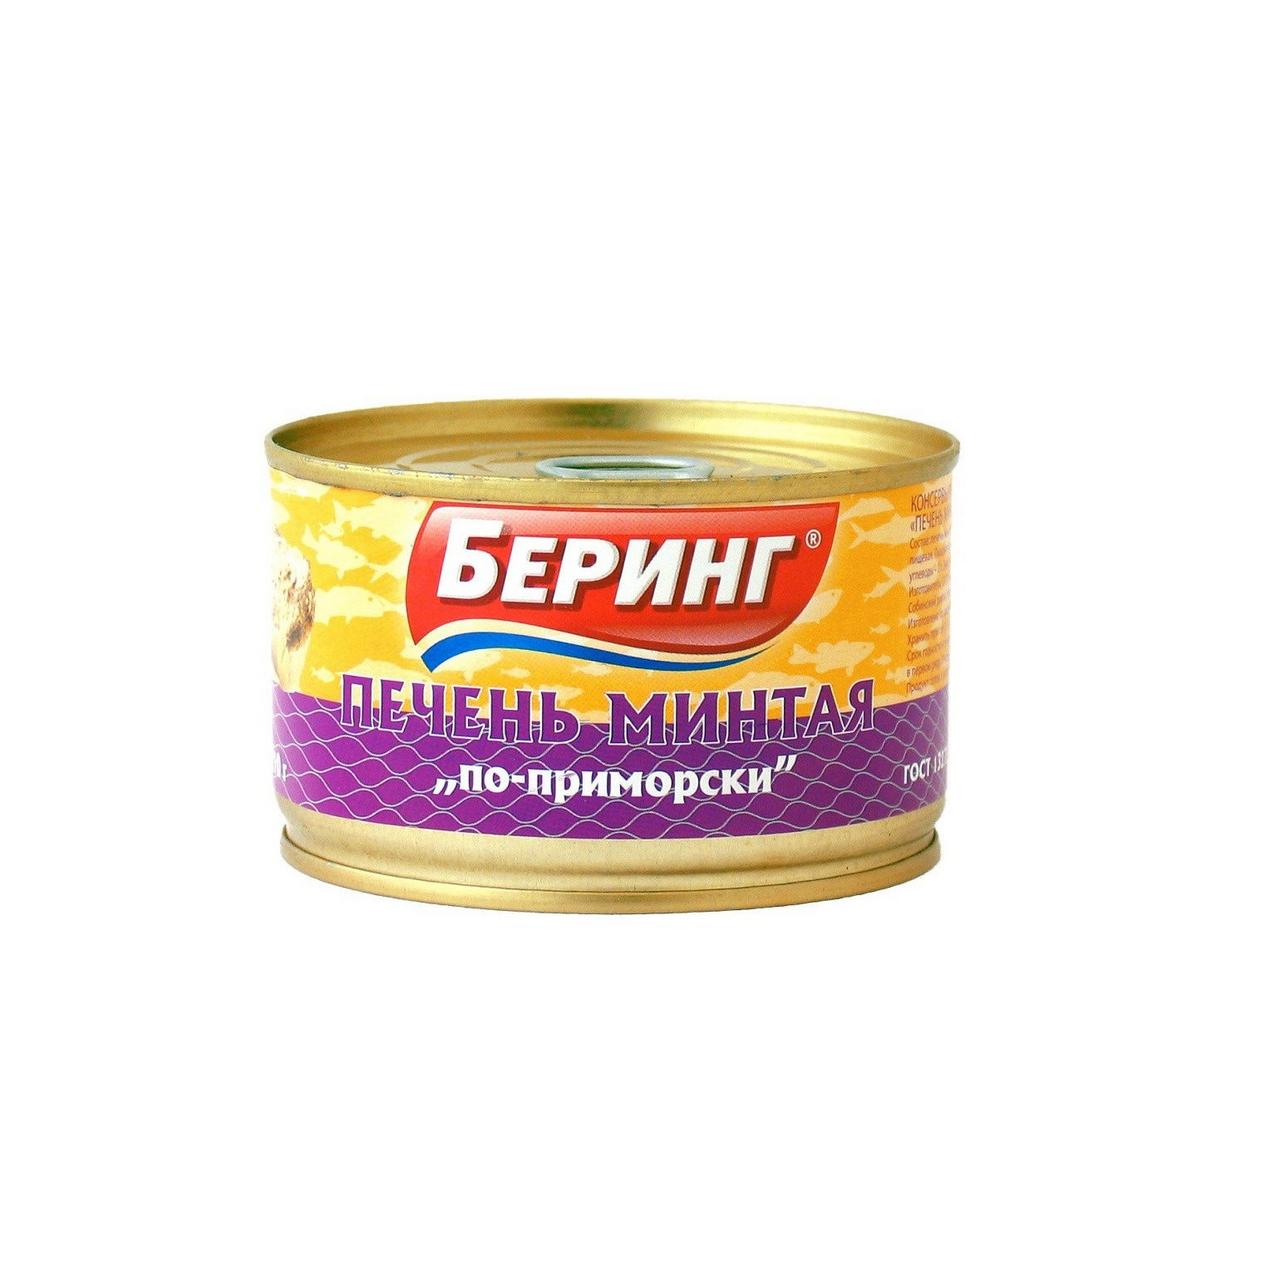 190Г ПЕЧЕНЬ МИНТАЯ  НАТ БЕРИНГ